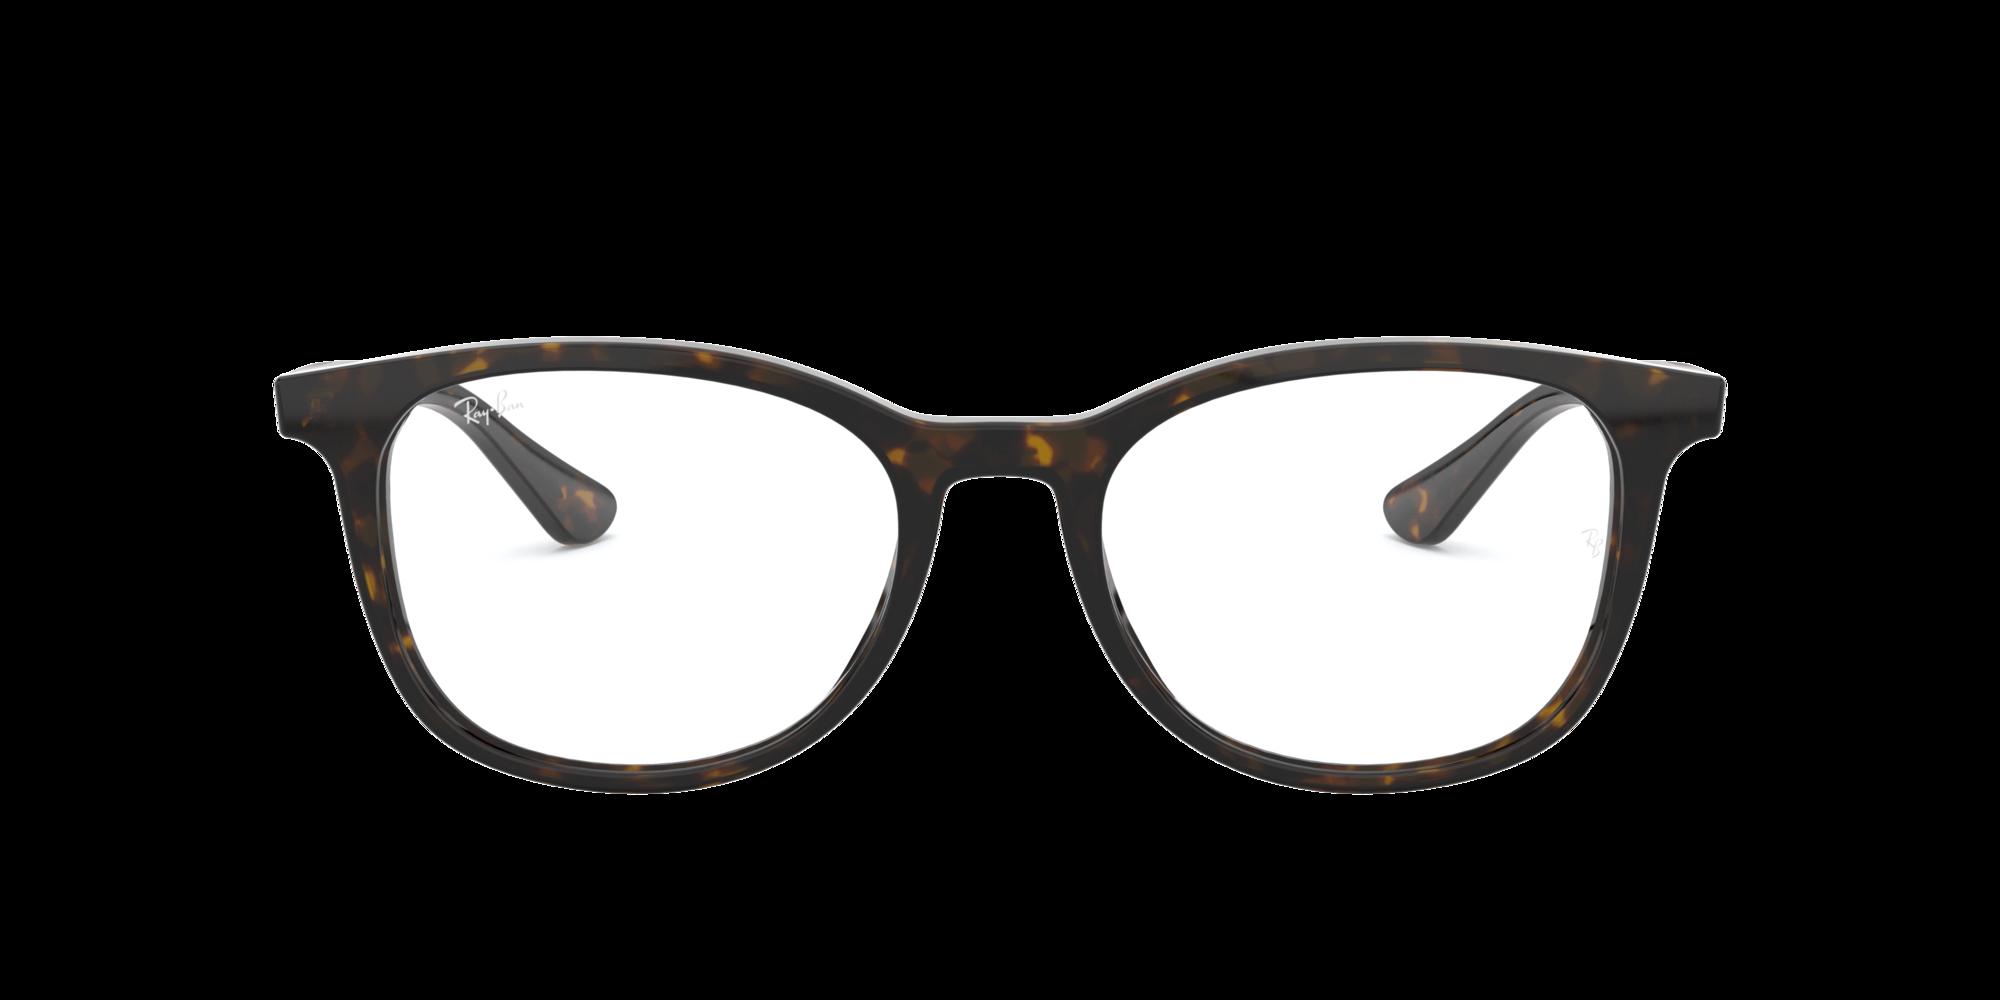 Imagen para RX5356 de LensCrafters |  Espejuelos, espejuelos graduados en línea, gafas